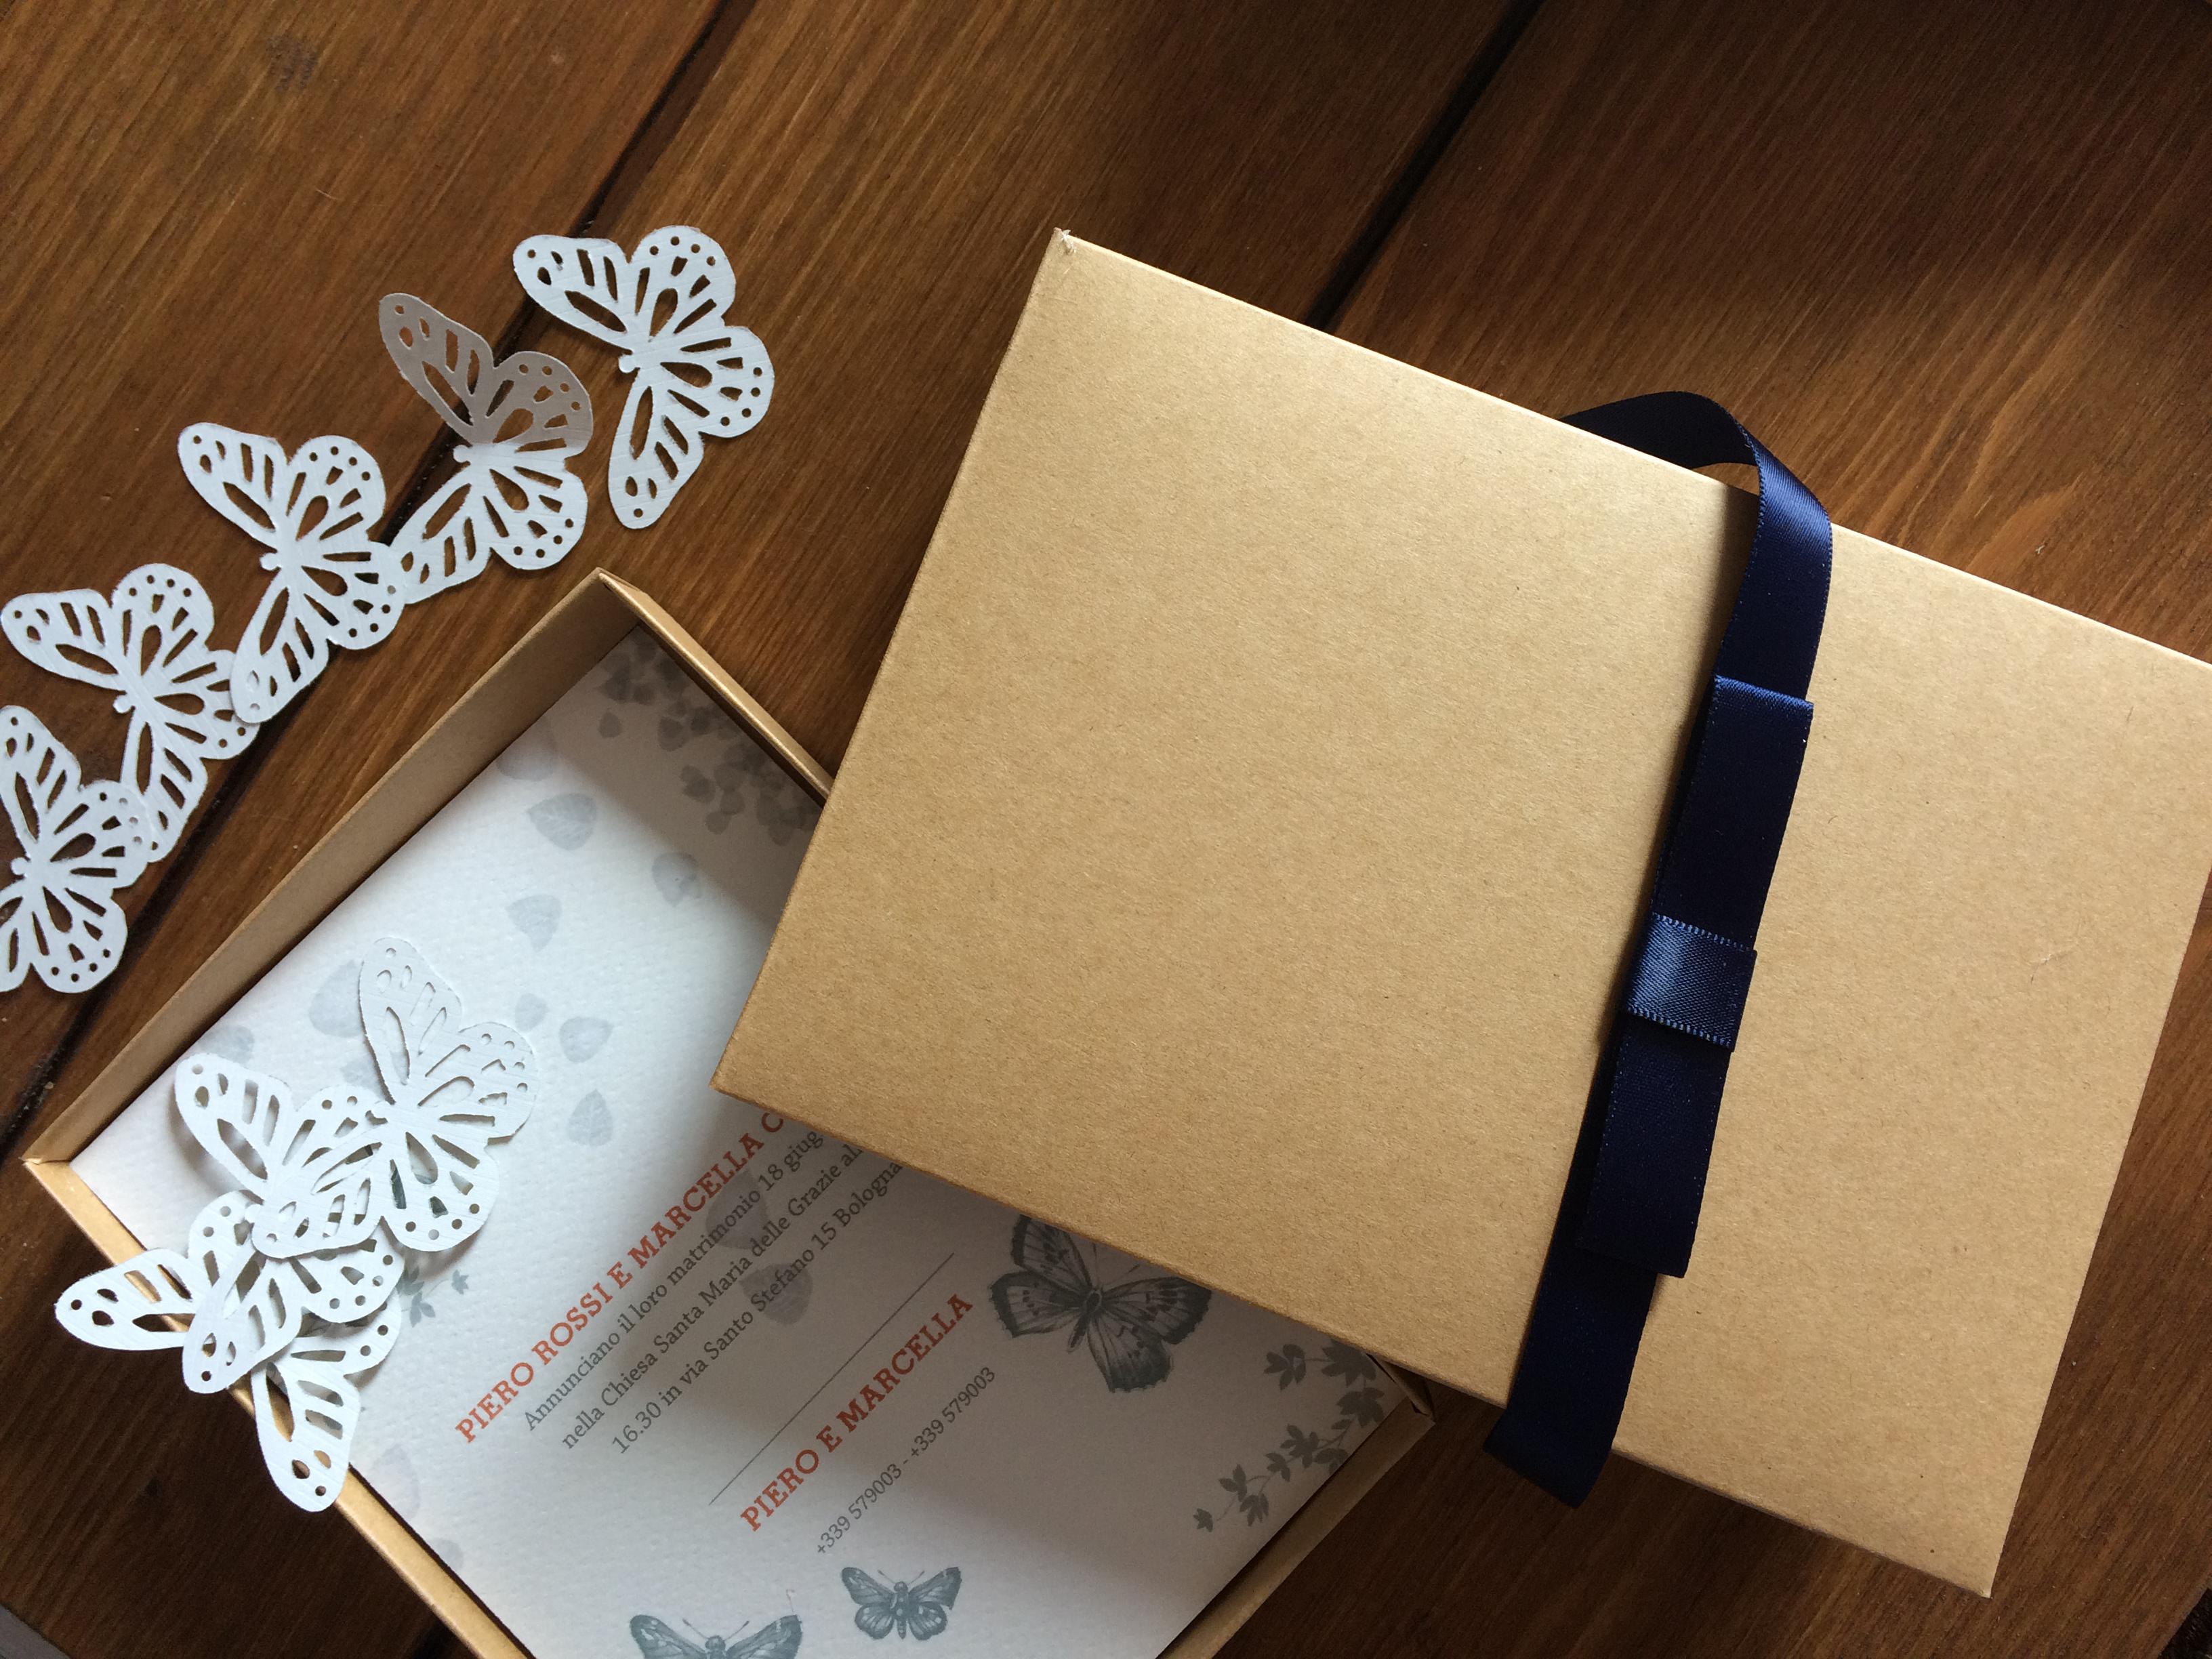 partecipazioni nozze in scatola stile farfalle